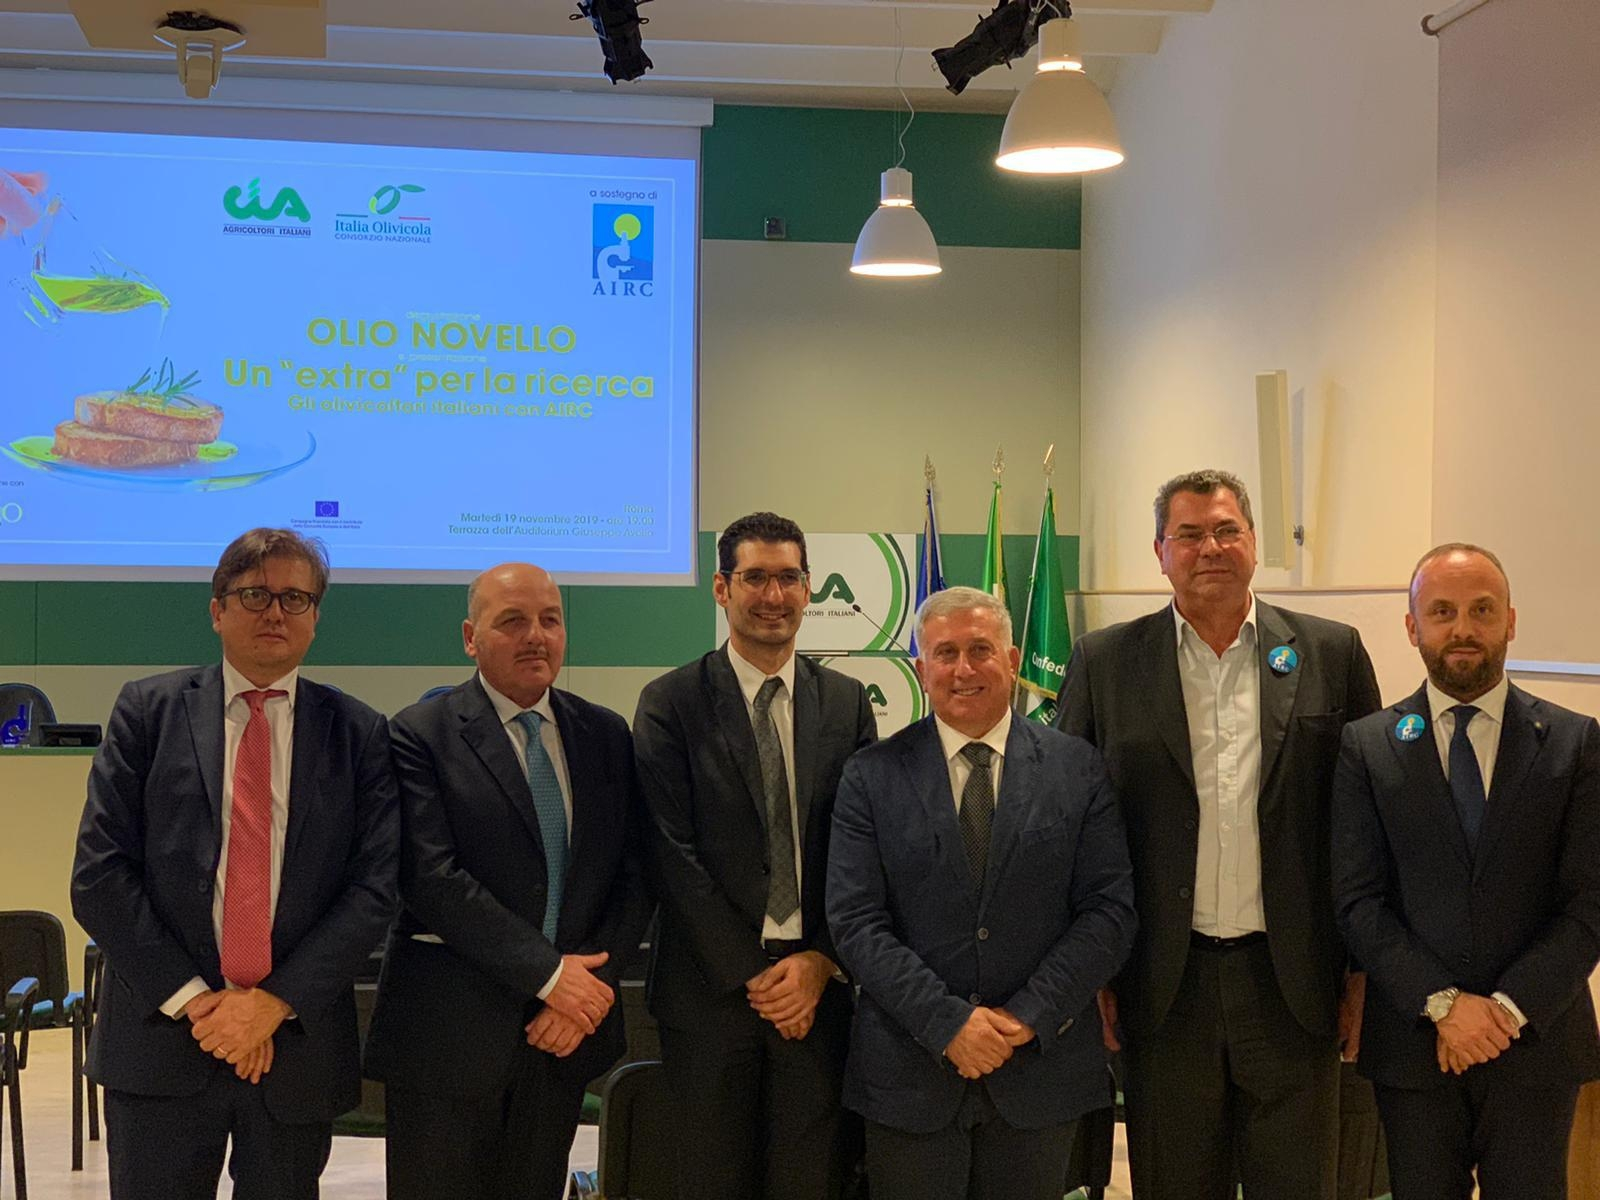 Un Extra per la ricerca, gli olivicoltori italiani al fianco della Fondazione Airc